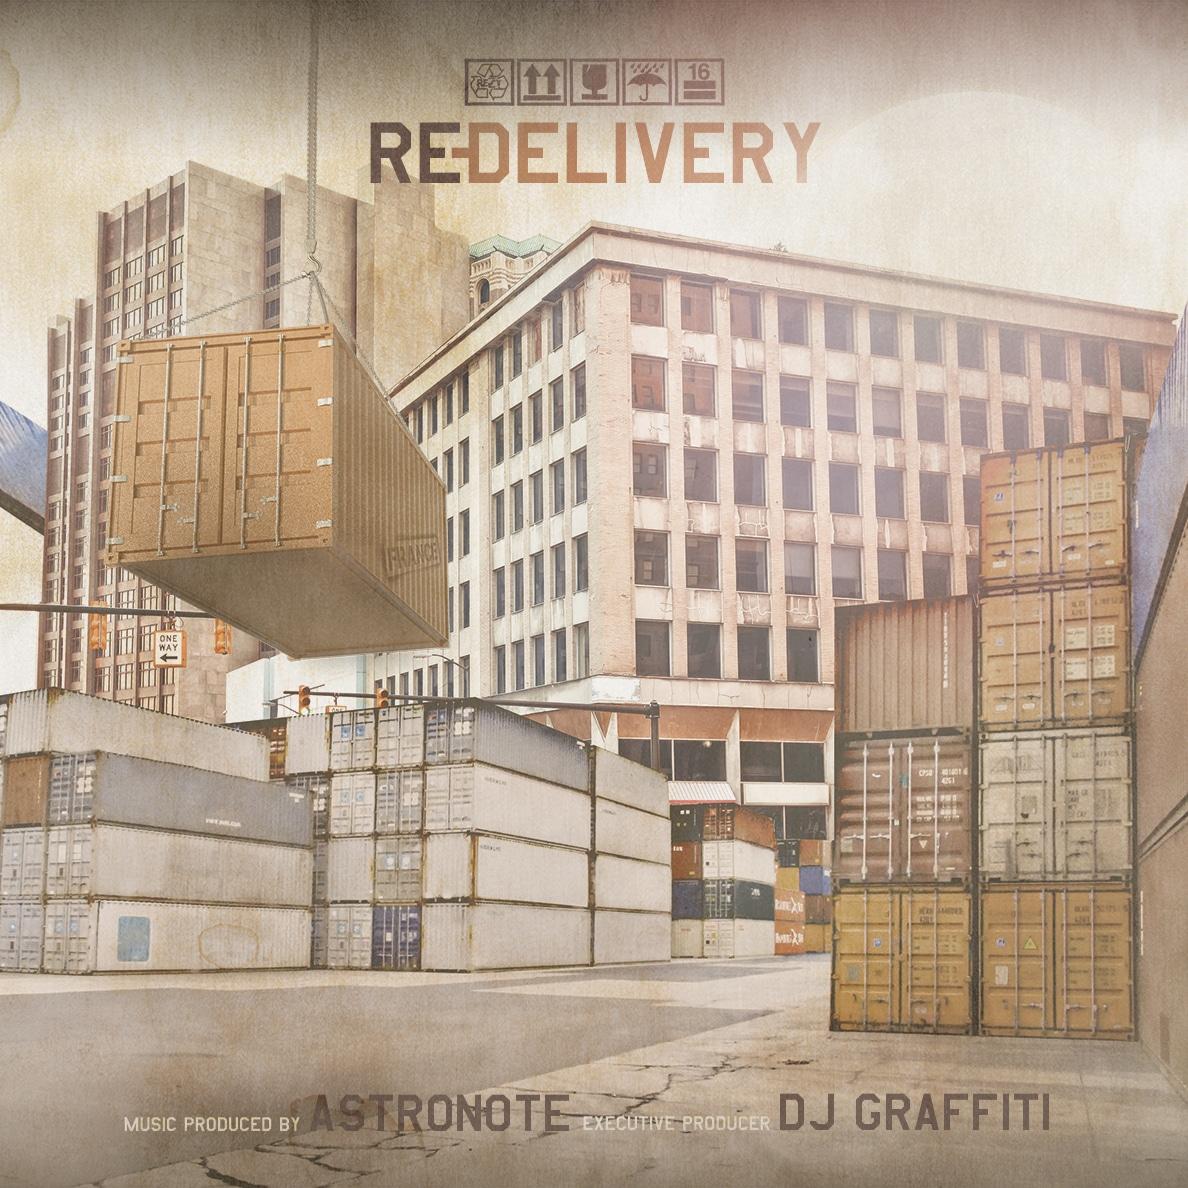 Astronote & DJ Graffiti present Re-Delivery